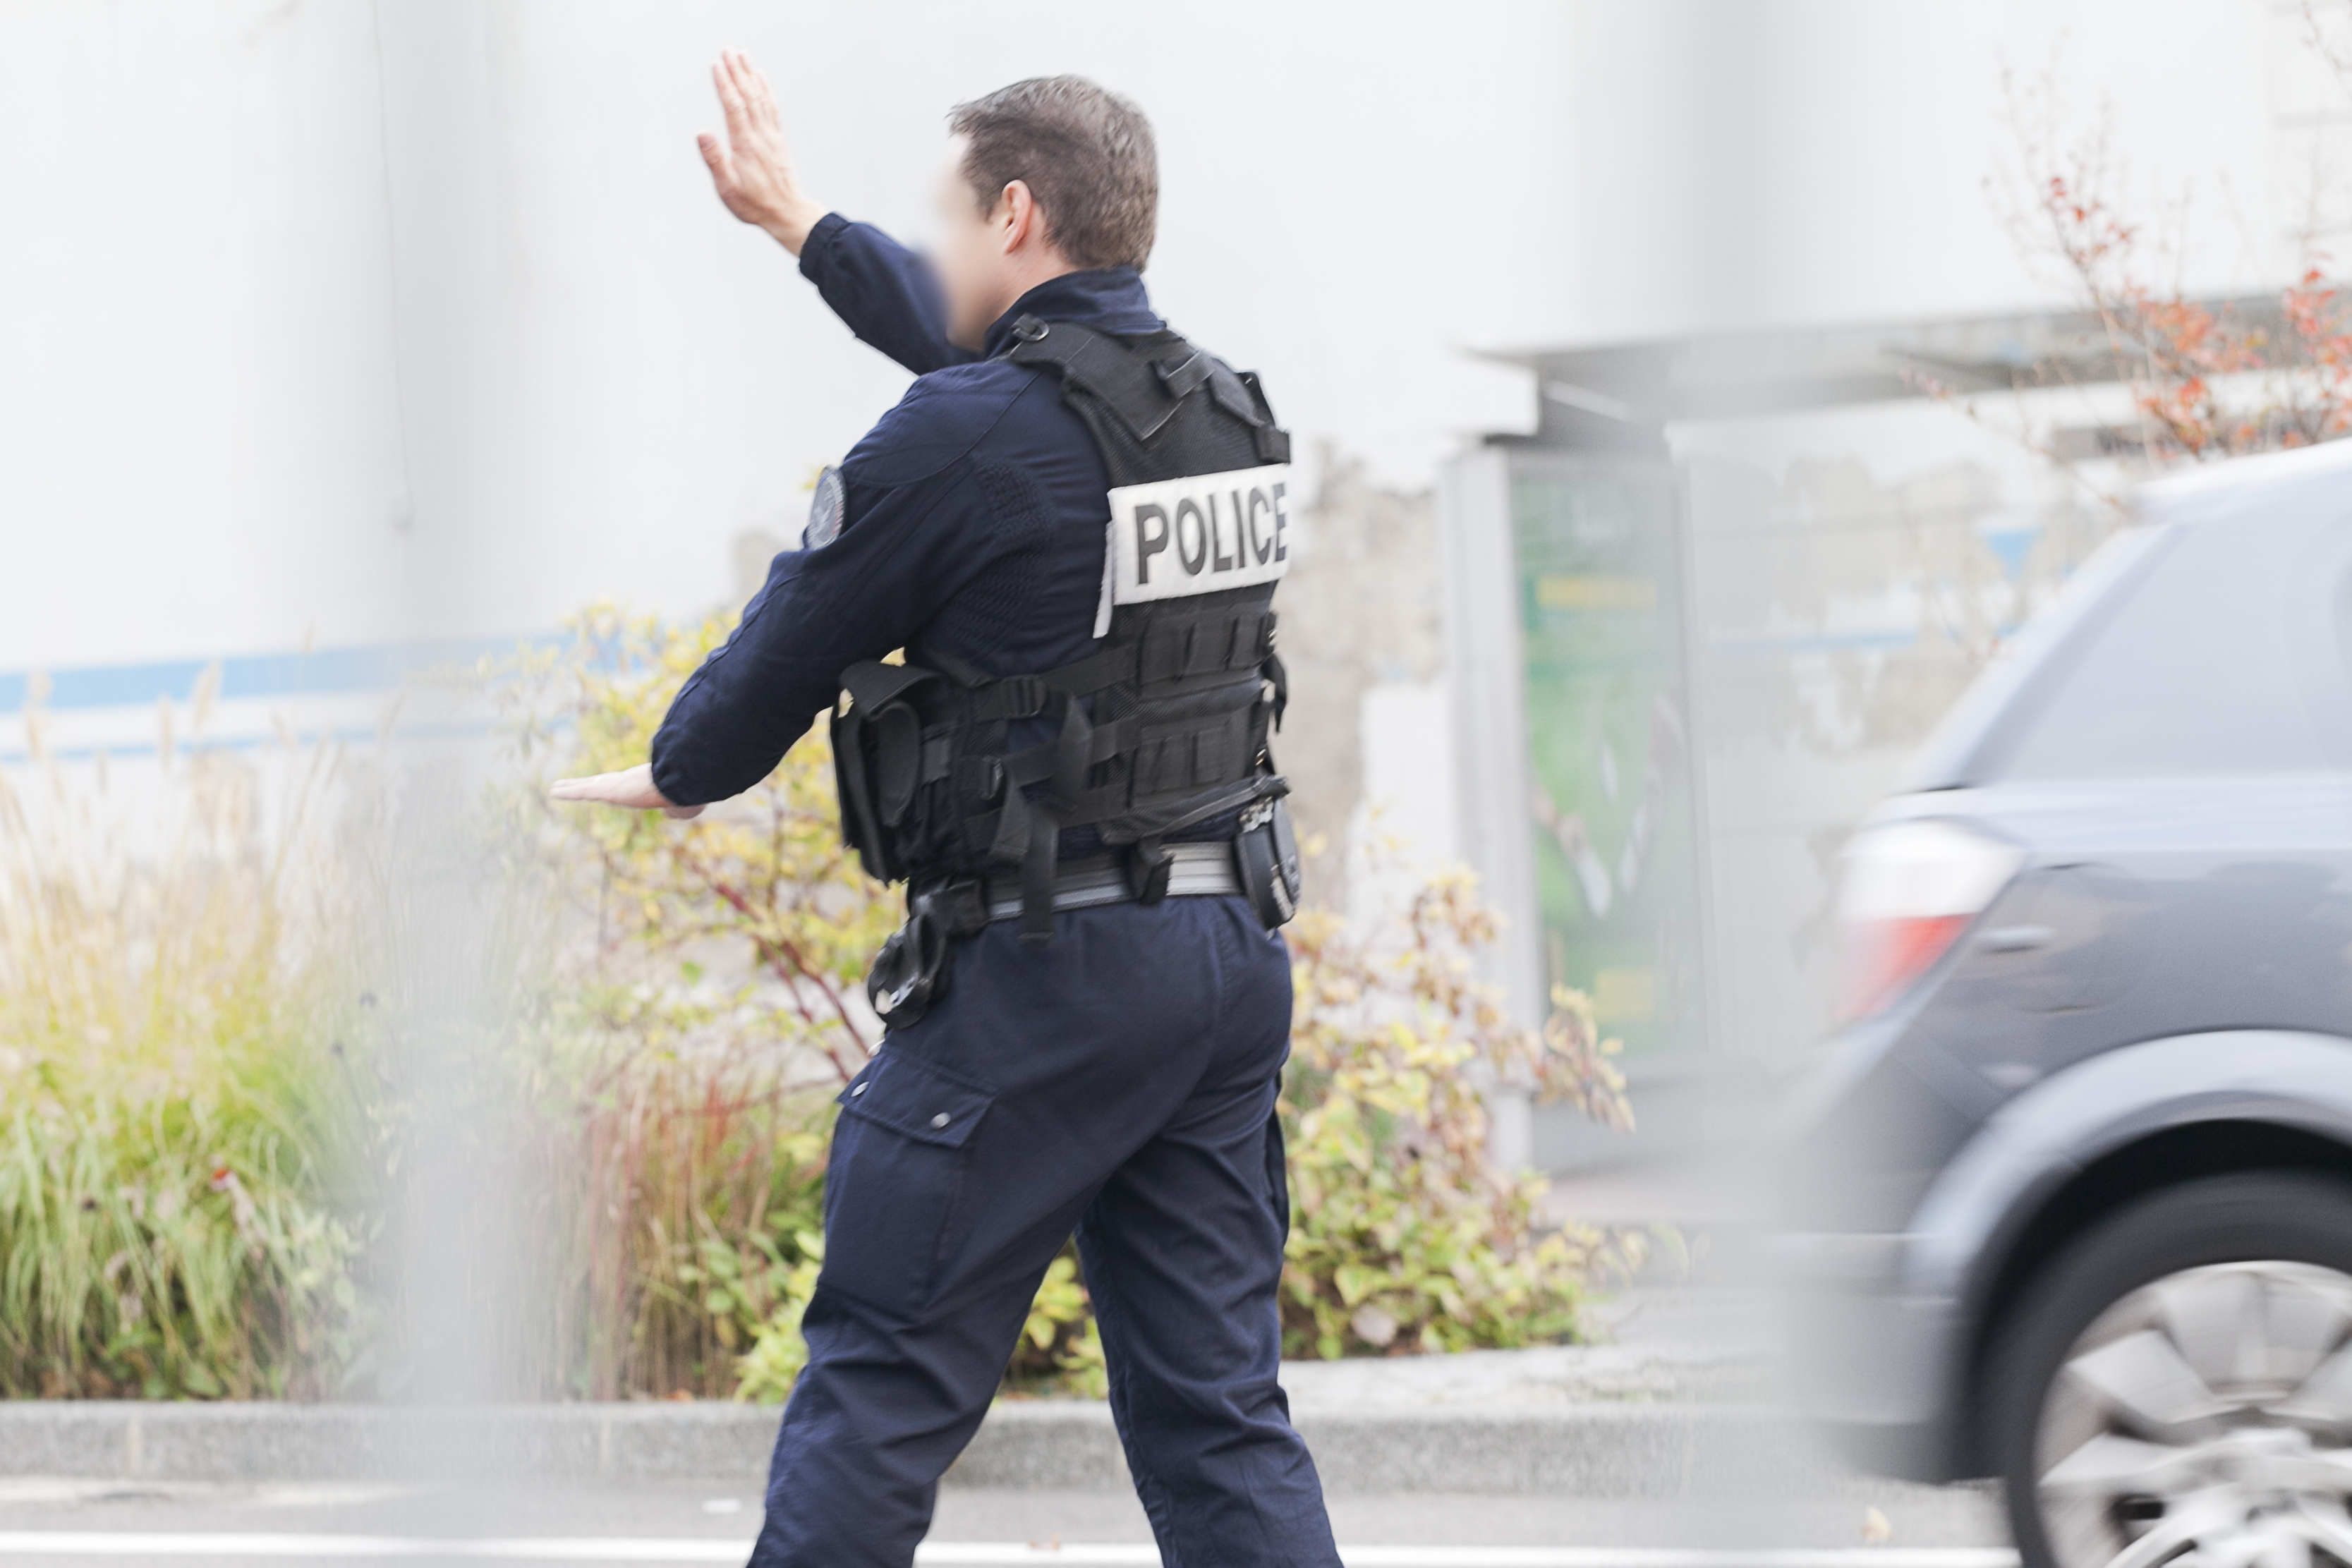 Lyon : en voyant les policiers, il avale son cannabis et ameute des jeunes